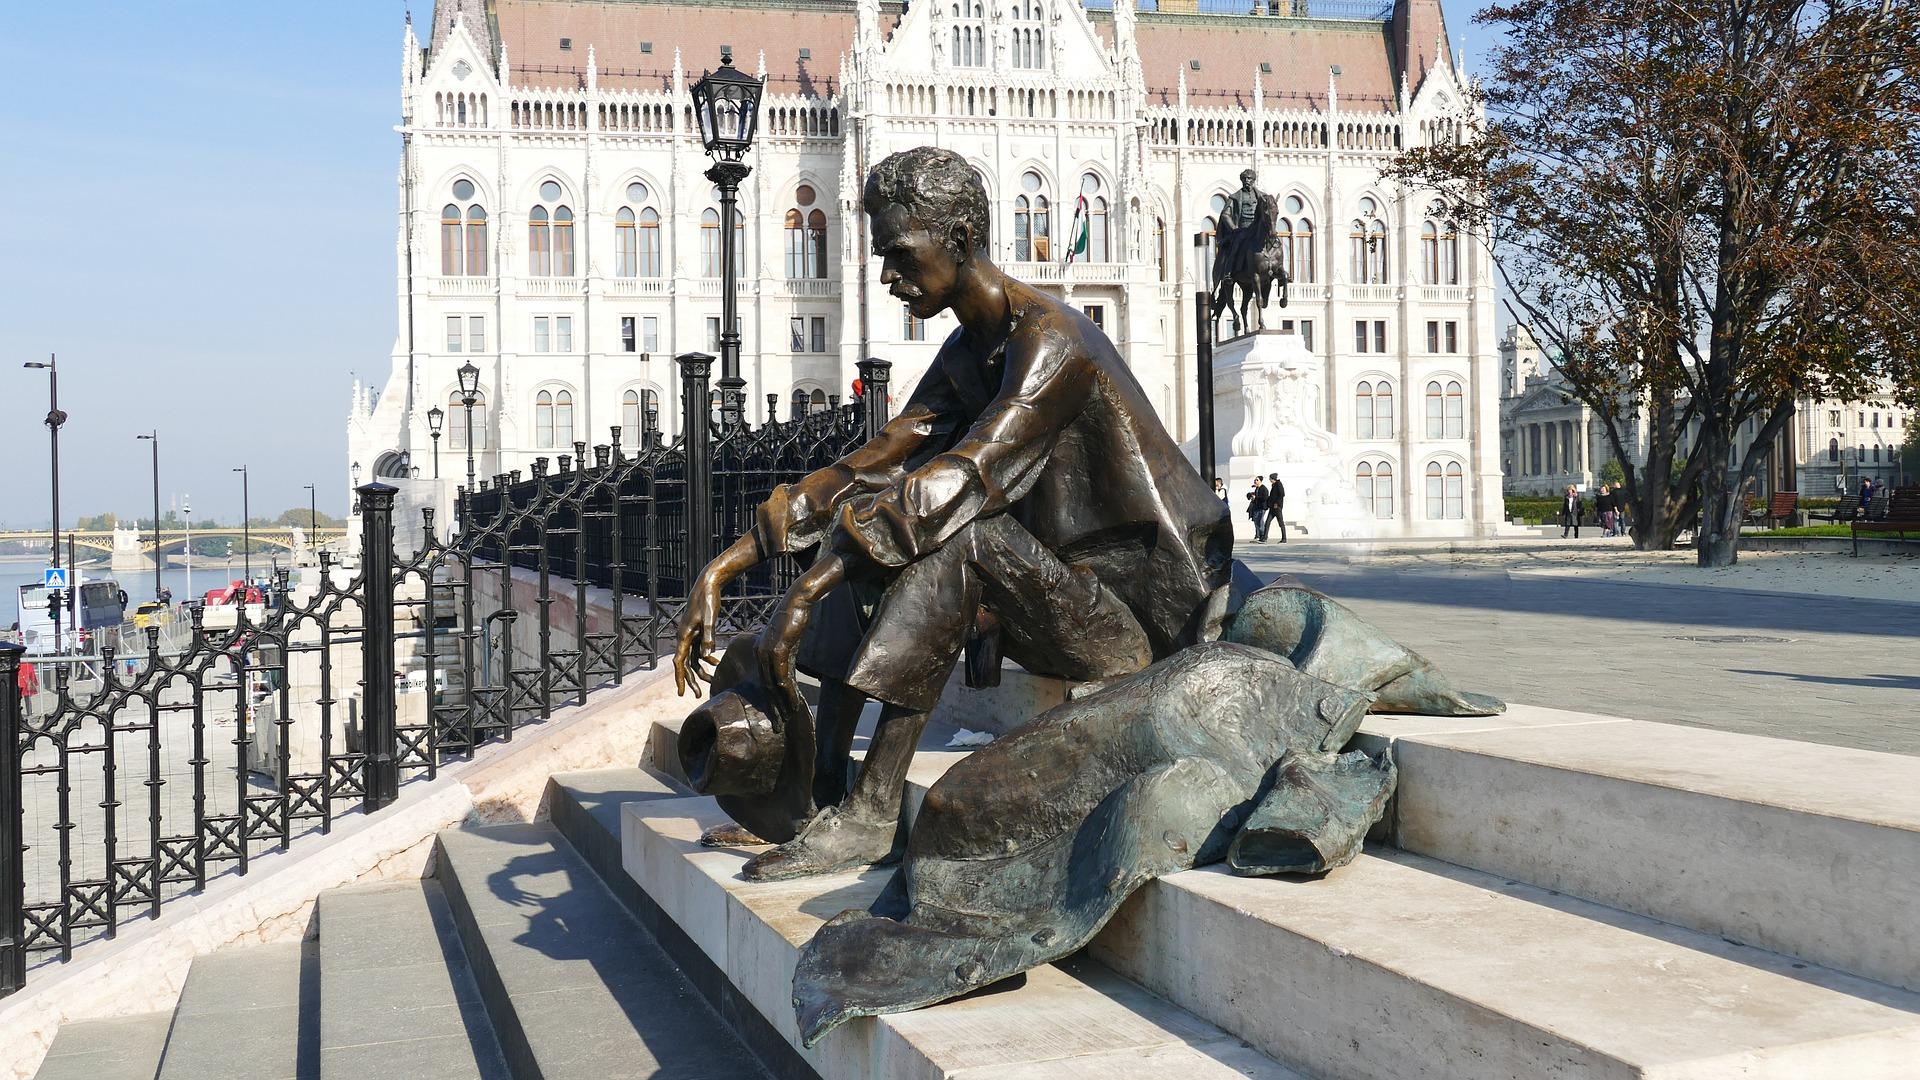 Tag der ungarischen Poesie: Vorsicht! Herzliche, komische und ergreifende Momente sind heute zu erwarten! post's picture